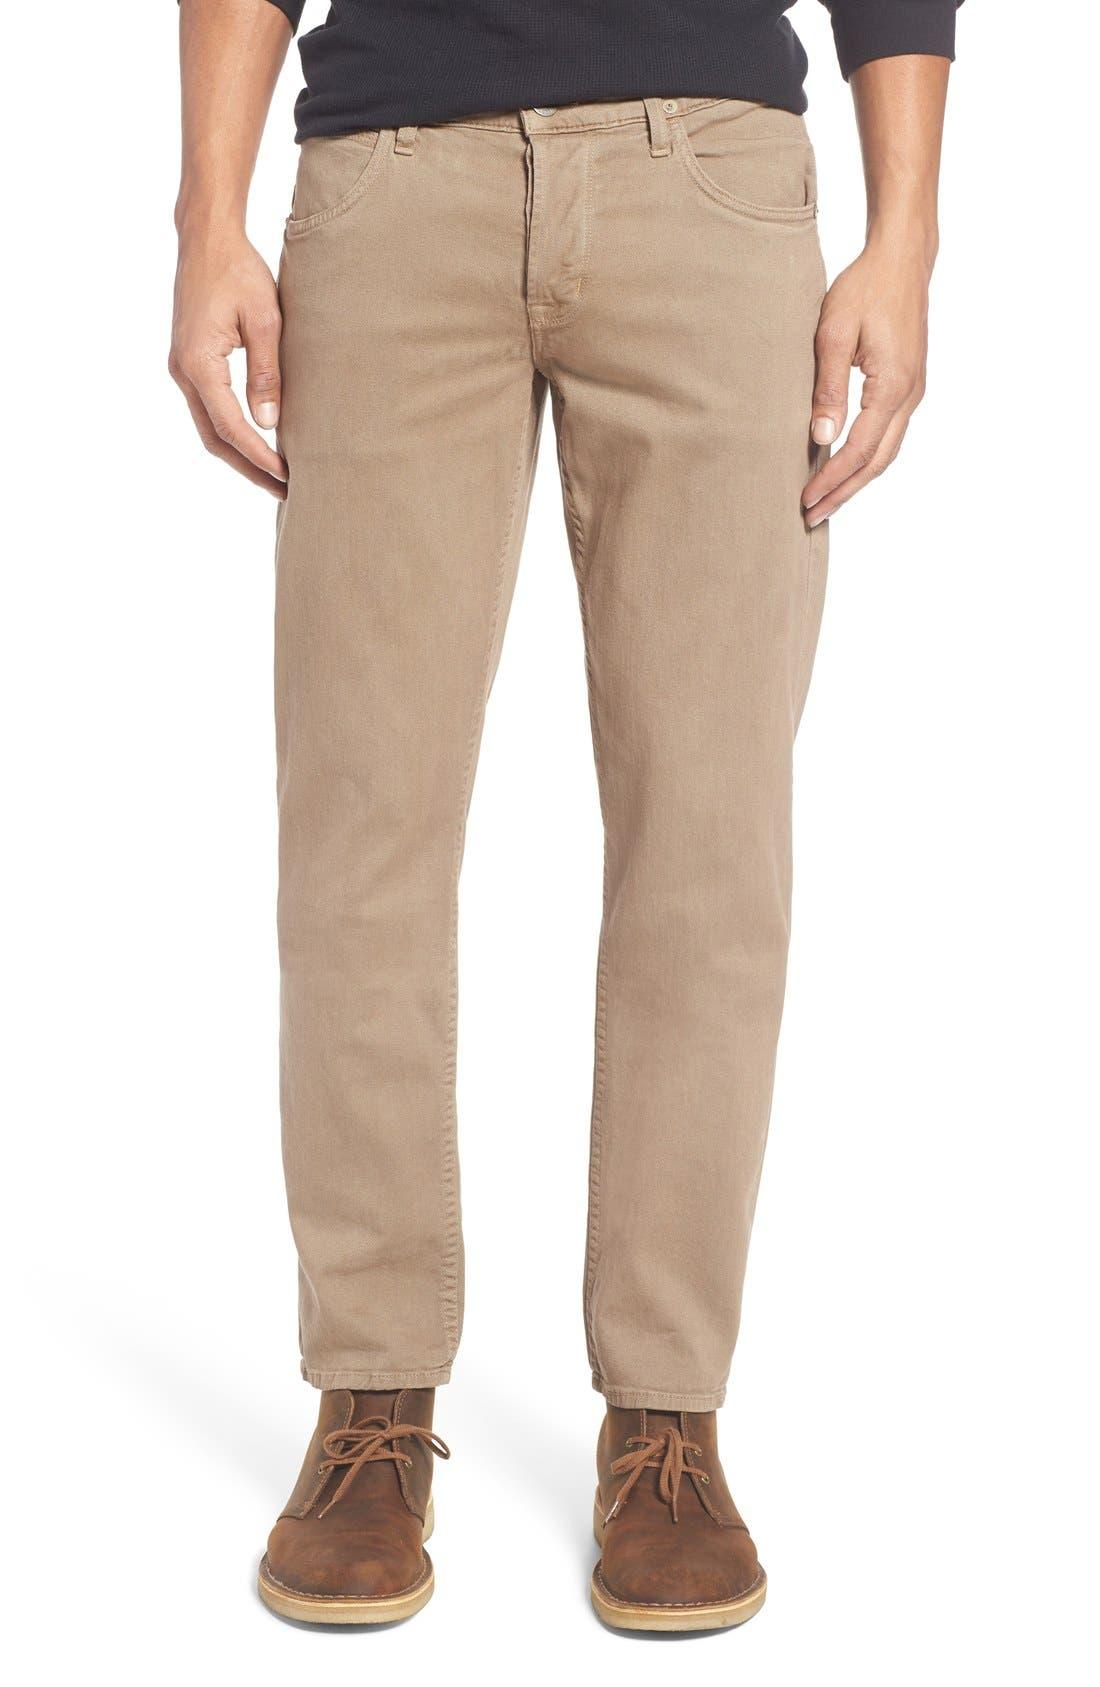 Hudson Jeans Blake Slim Fit Jeans (Quicksand Khaki)